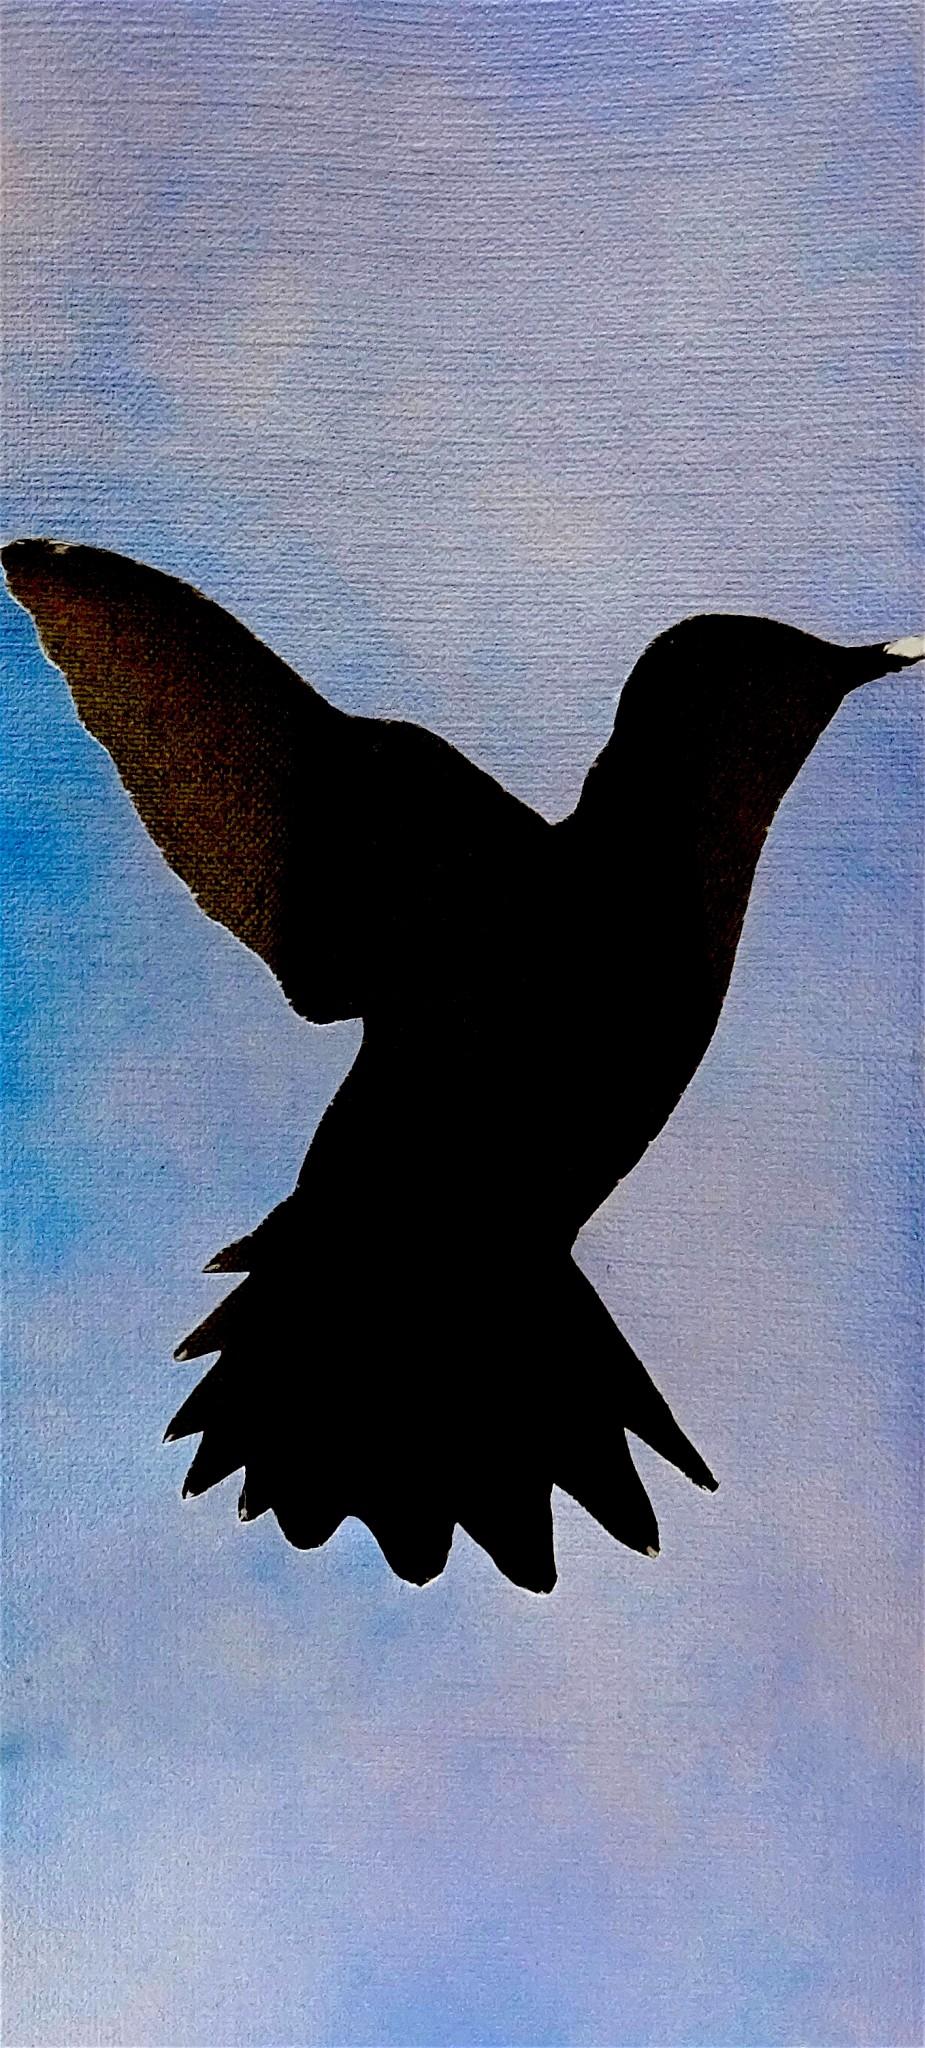 佐藤 純也 SATO Junya「hammingbird」2015